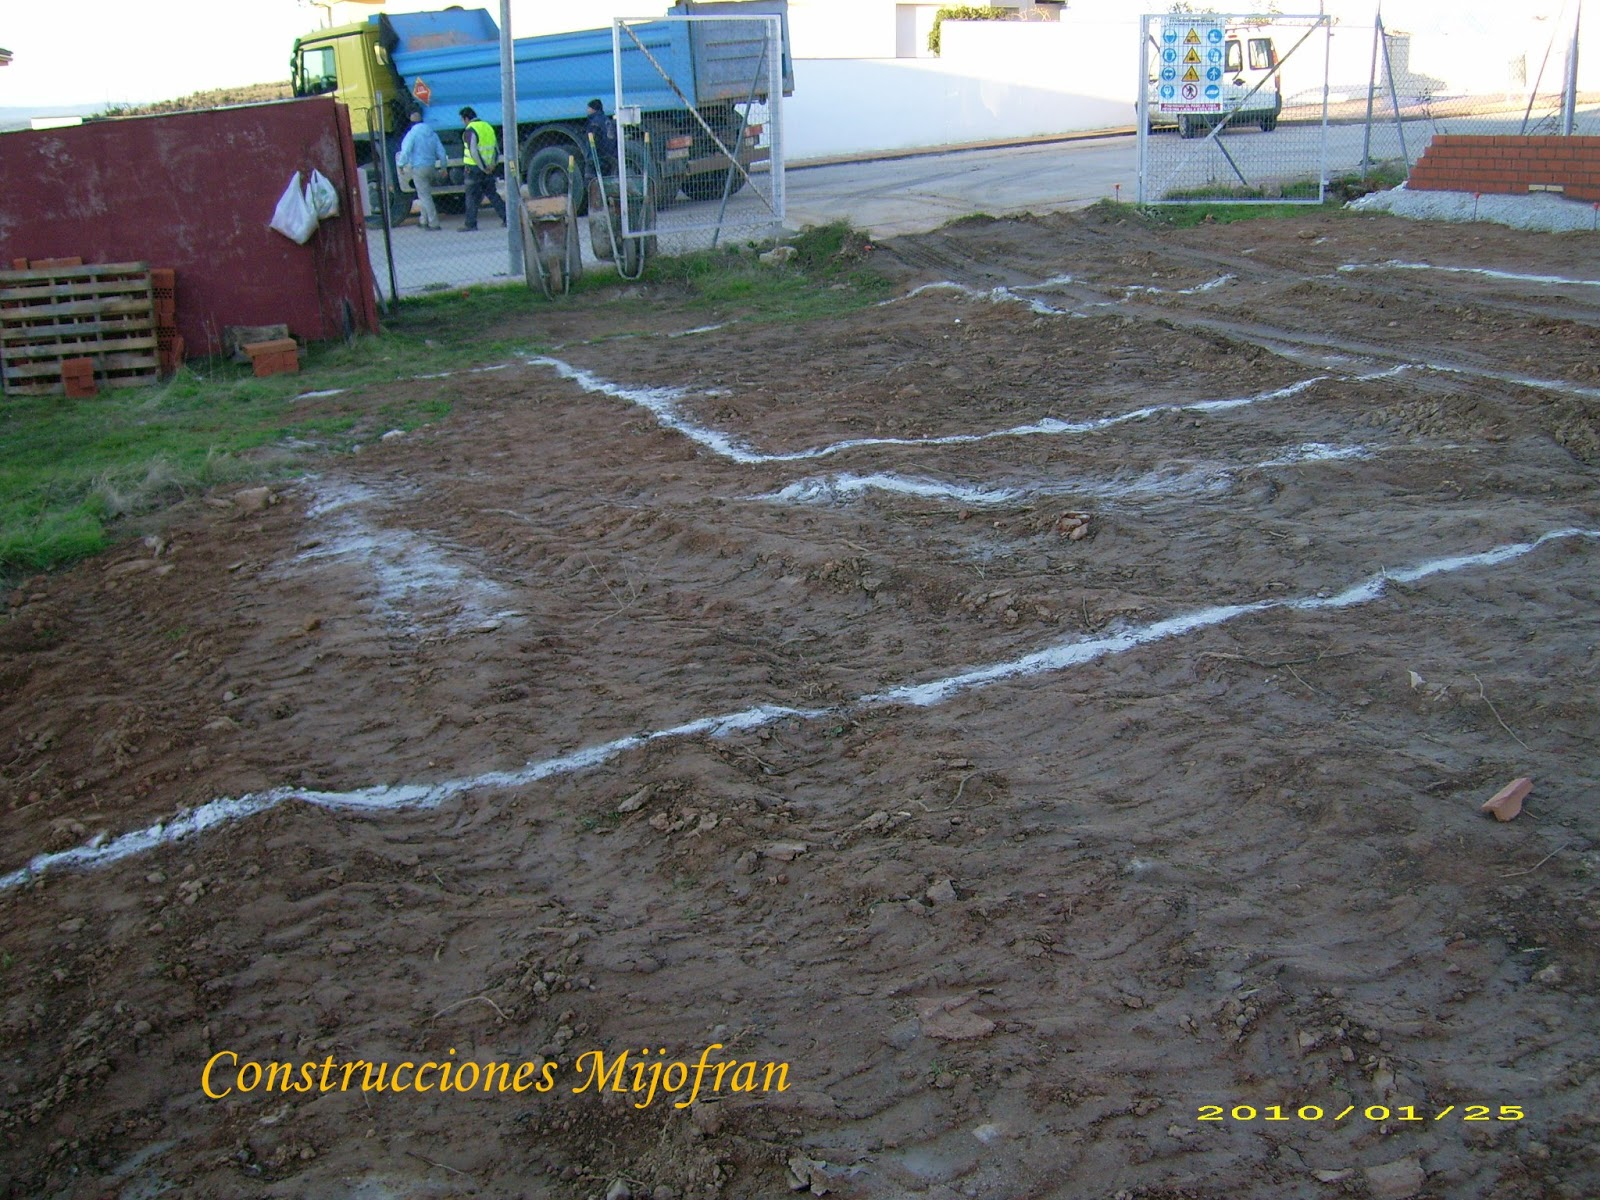 Construcciones mijofran s l proceso construcci n for Construccion de casas paso a paso